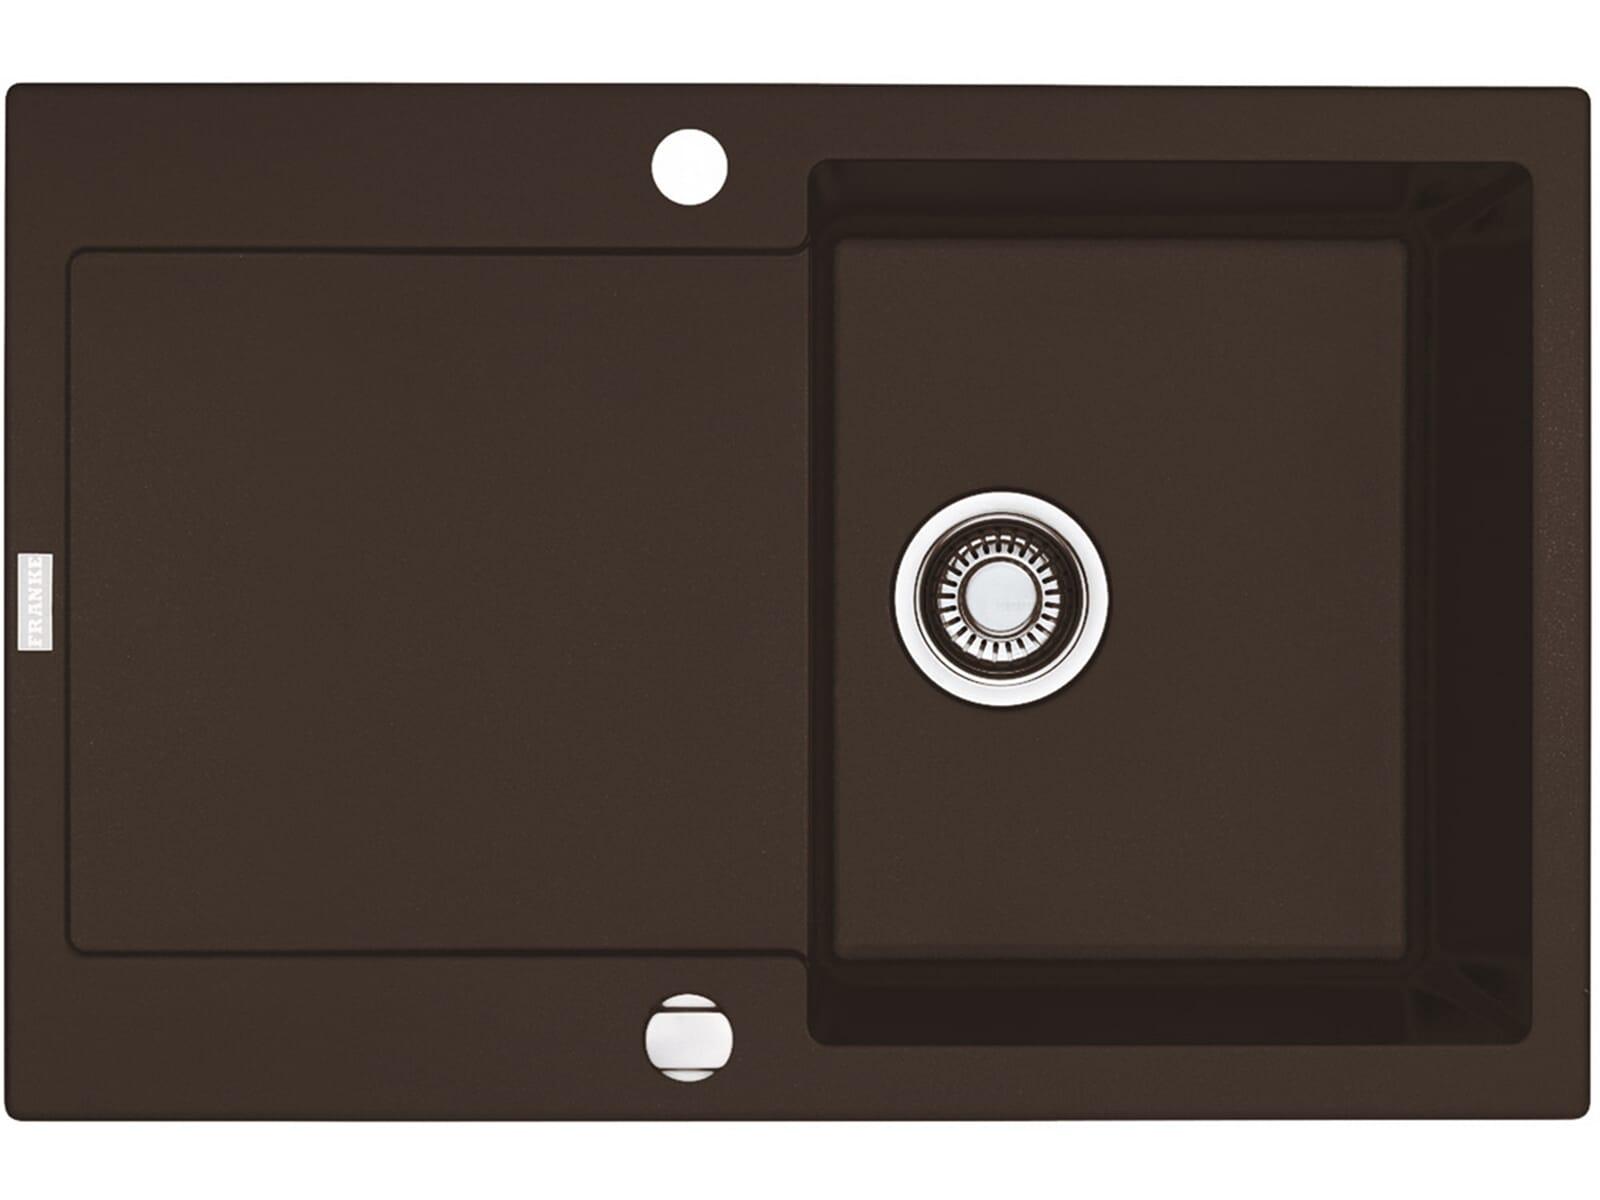 Franke Maris MRG 611 Chocolate Granitspüle